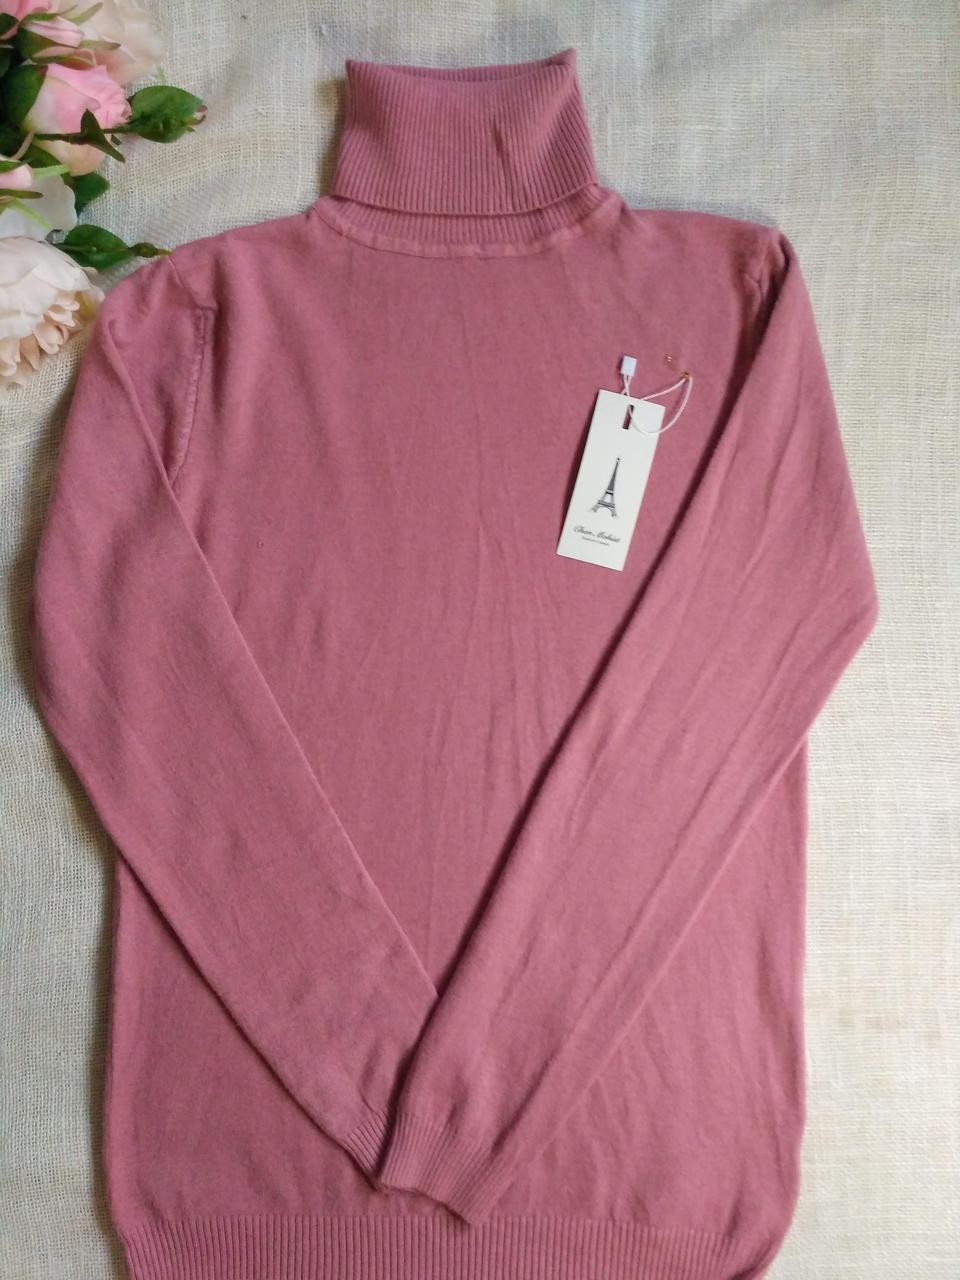 Розовый гольф женский шерстяной с высоким горлом и манжетами размер до 48го водолазка женская фрез